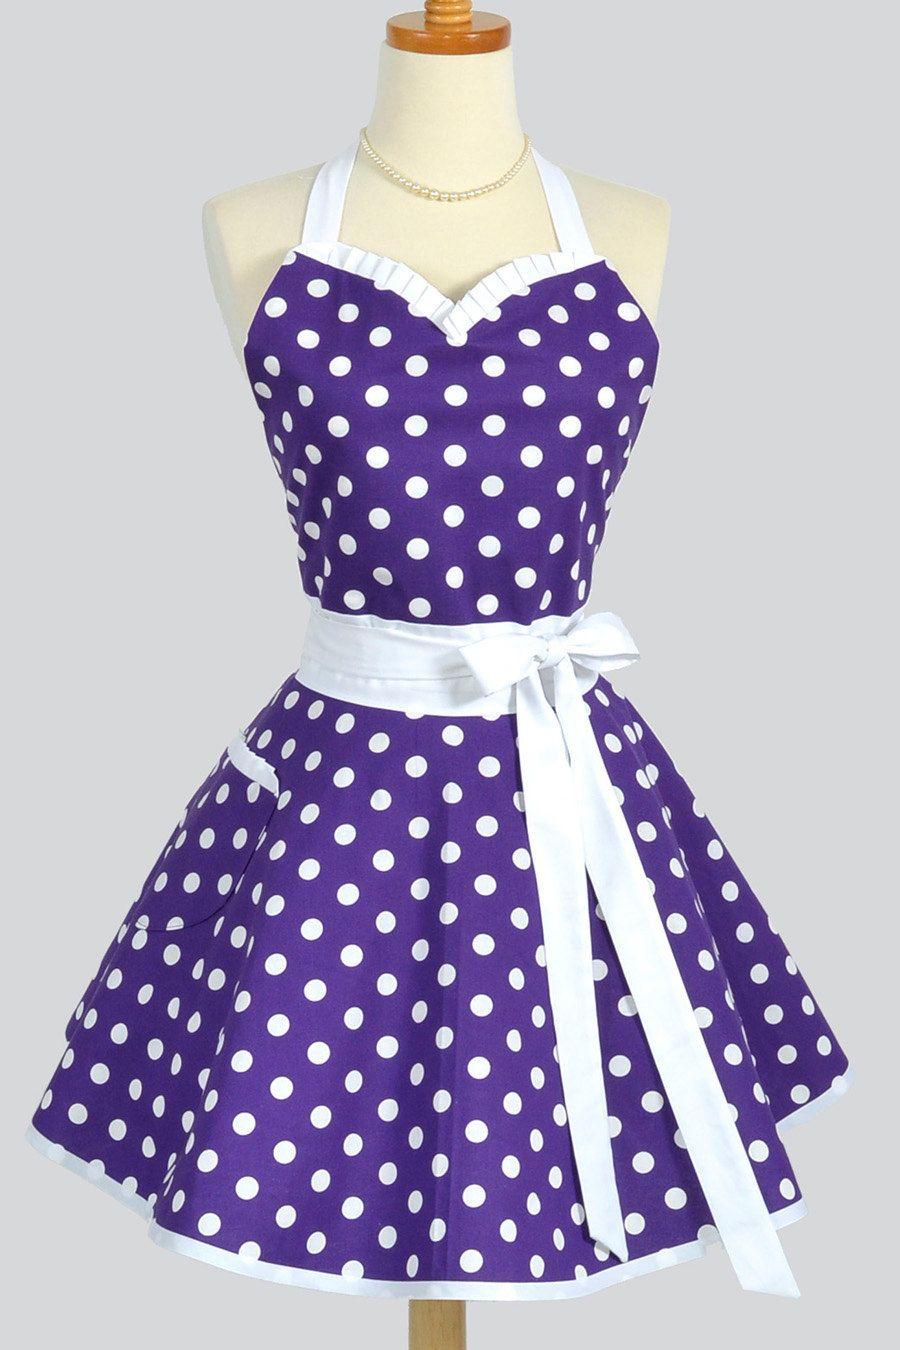 Retro Kitchen Apron in Purple and White Dots | Purples ...